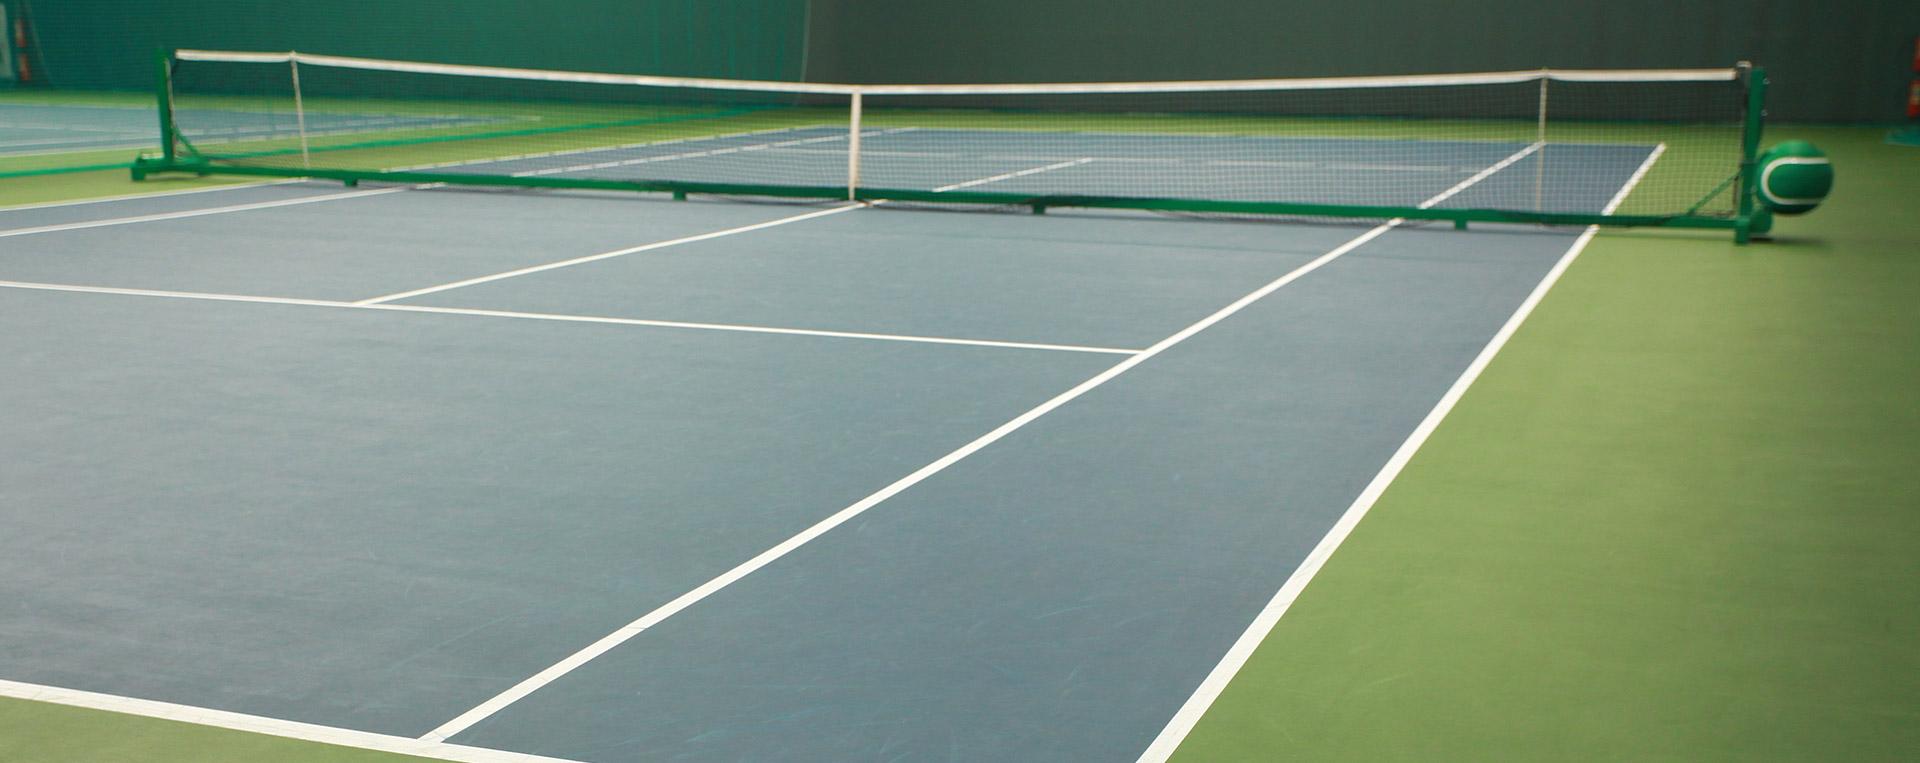 Crestmont Indoor Tennis